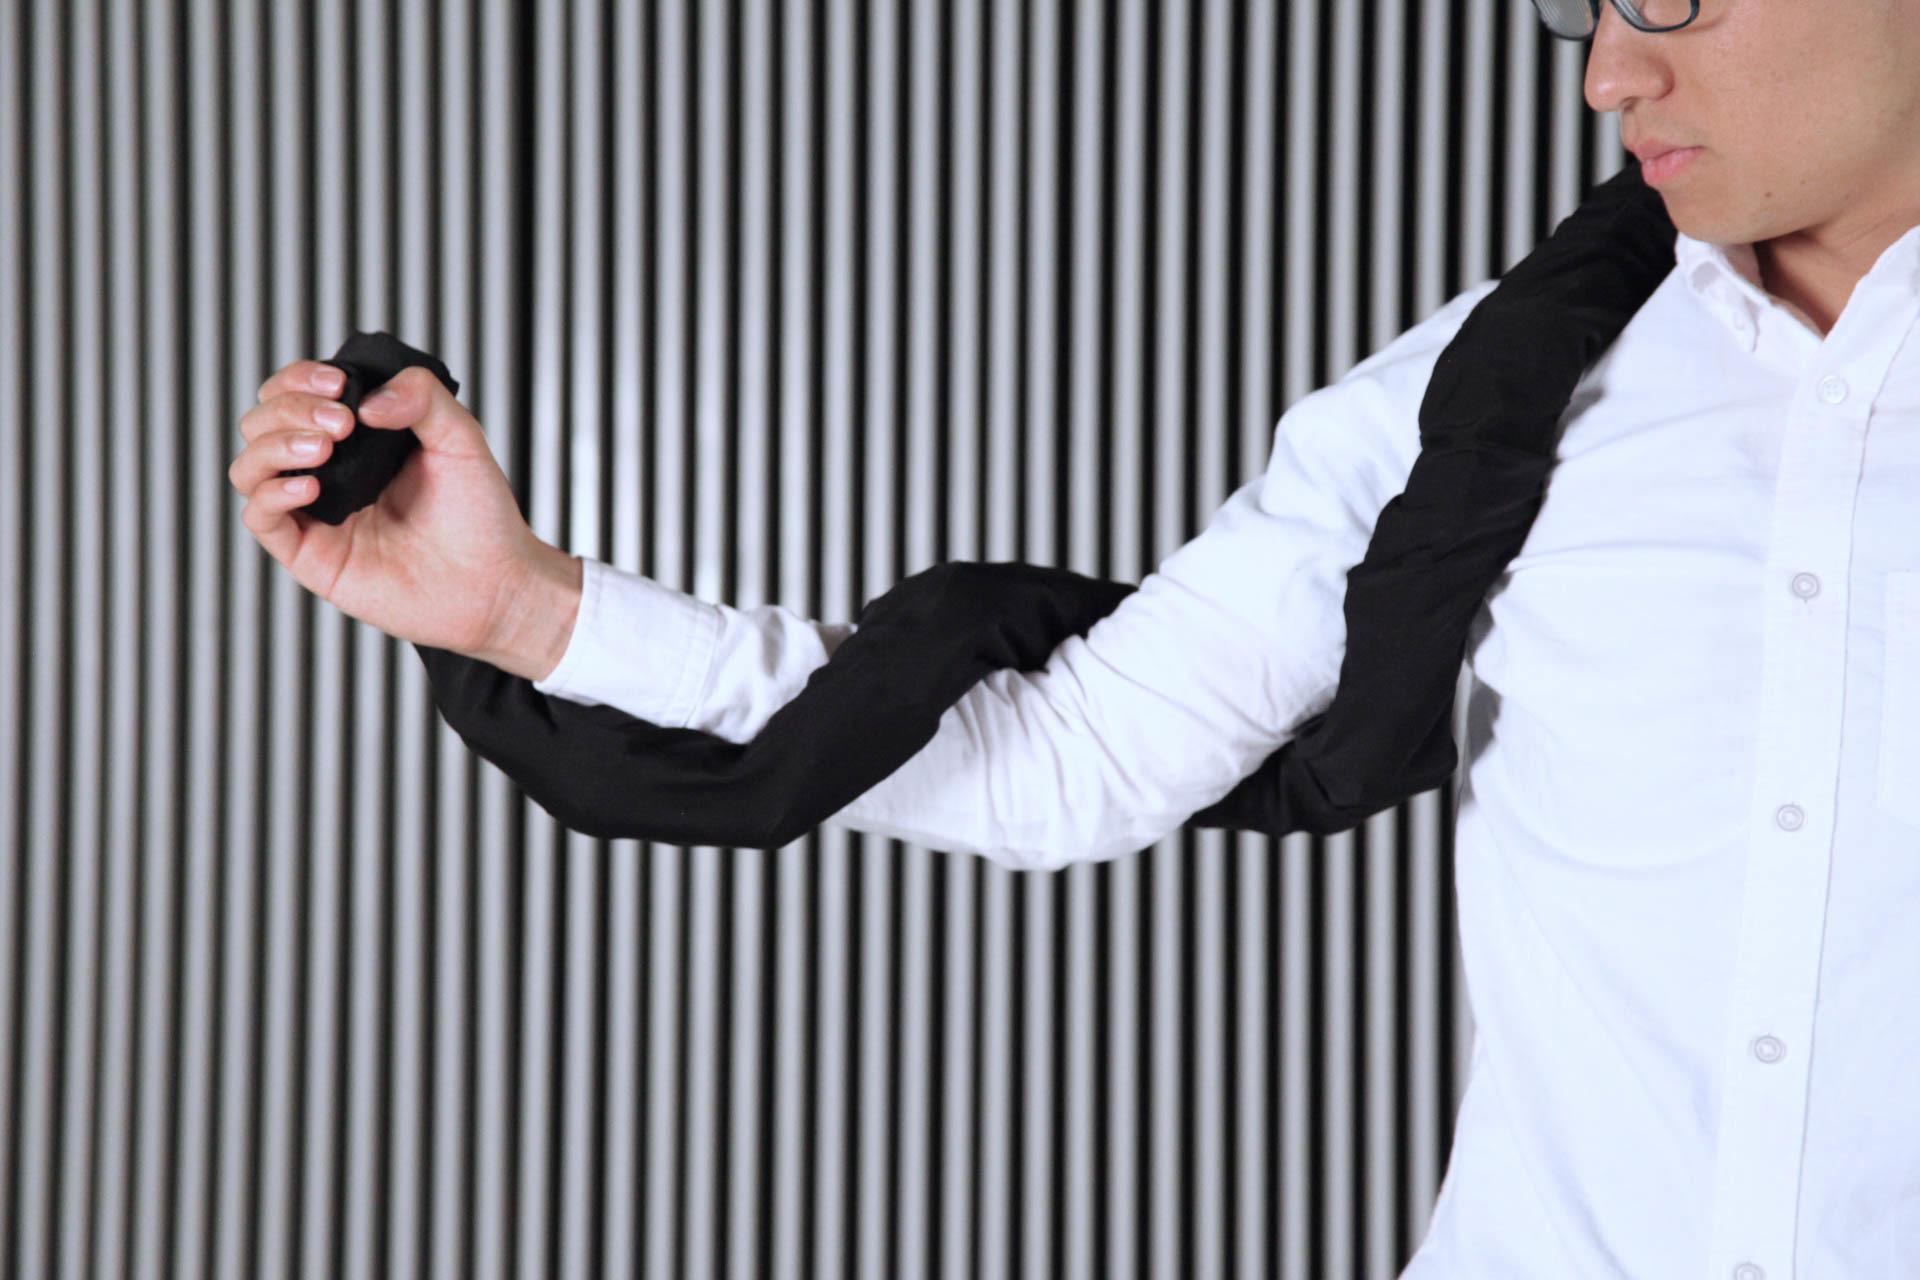 Робот-змея от МТИ как эксперимент физического интерфейса будущего - 7